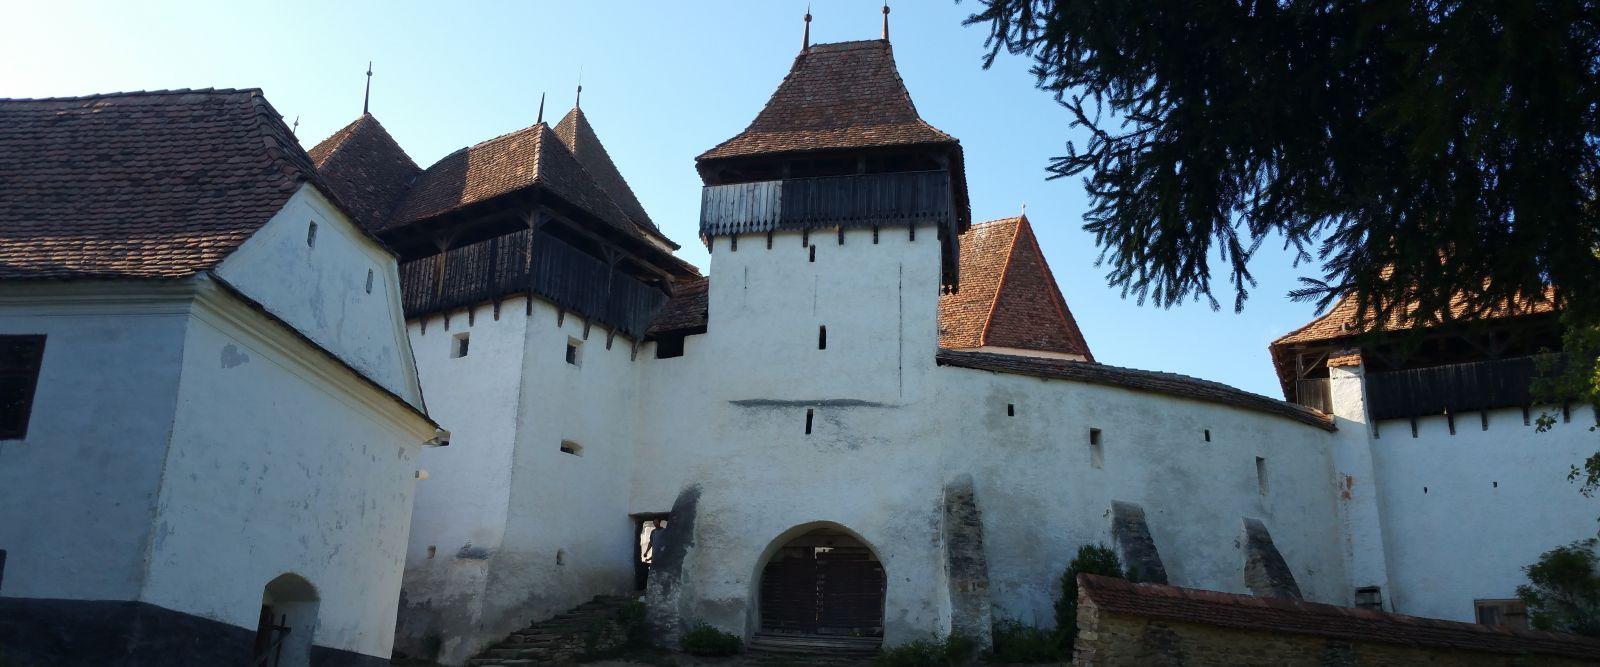 Roumanie Viscri